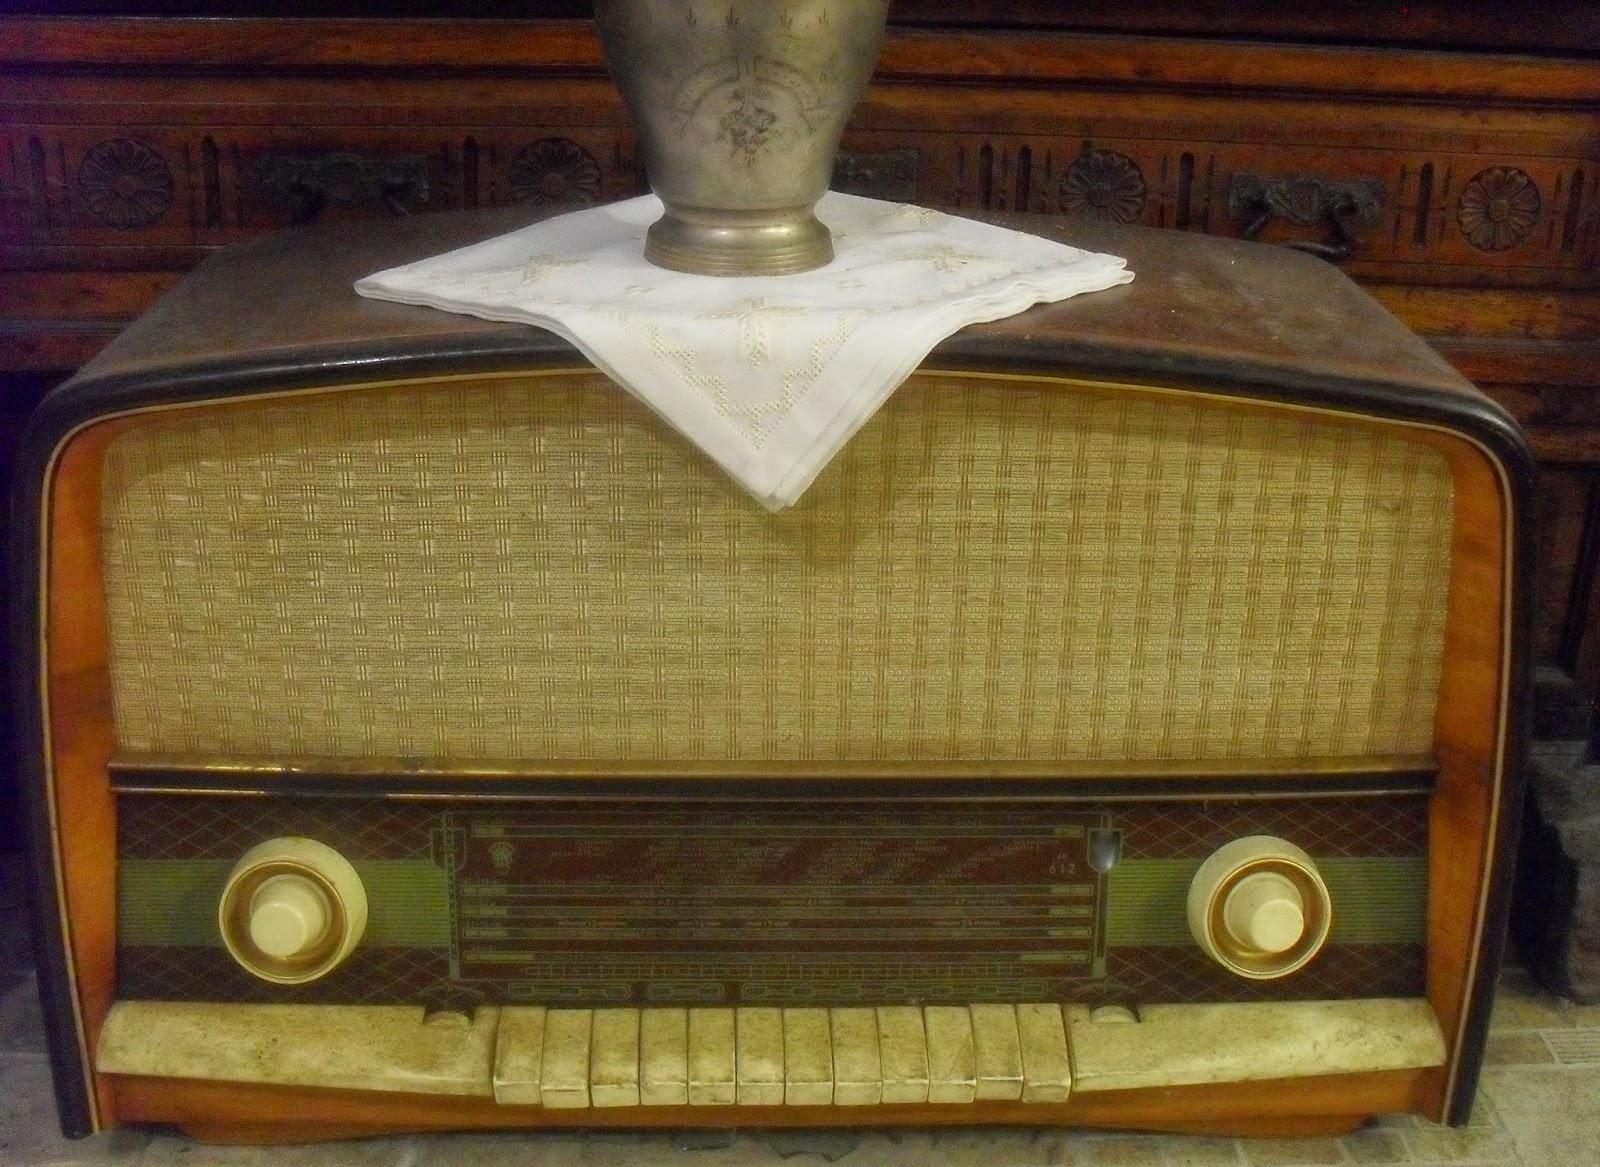 Στο Μουσείο Φωνογράφου & Ραδιοφώνου Λευκάδας